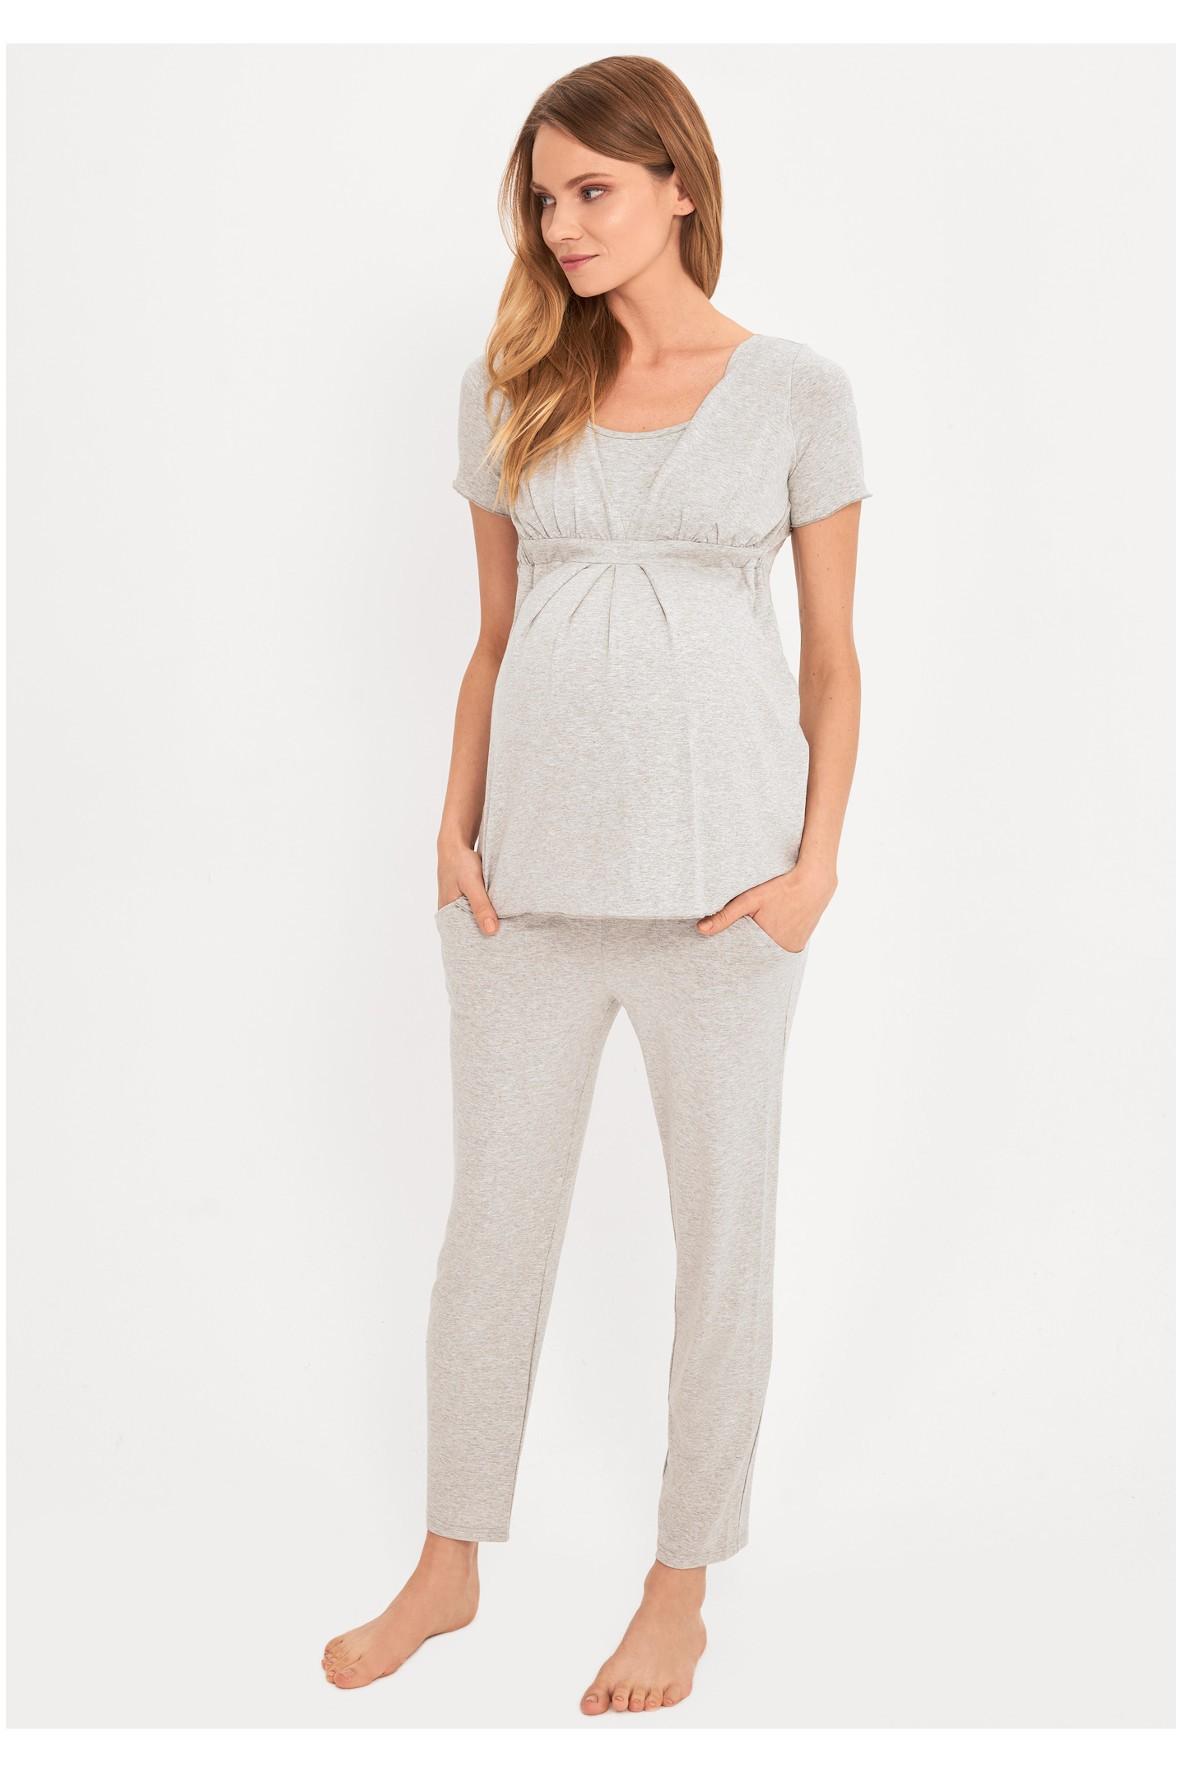 Piżama nocna dla kobiet w ciąży i karmiących -szara